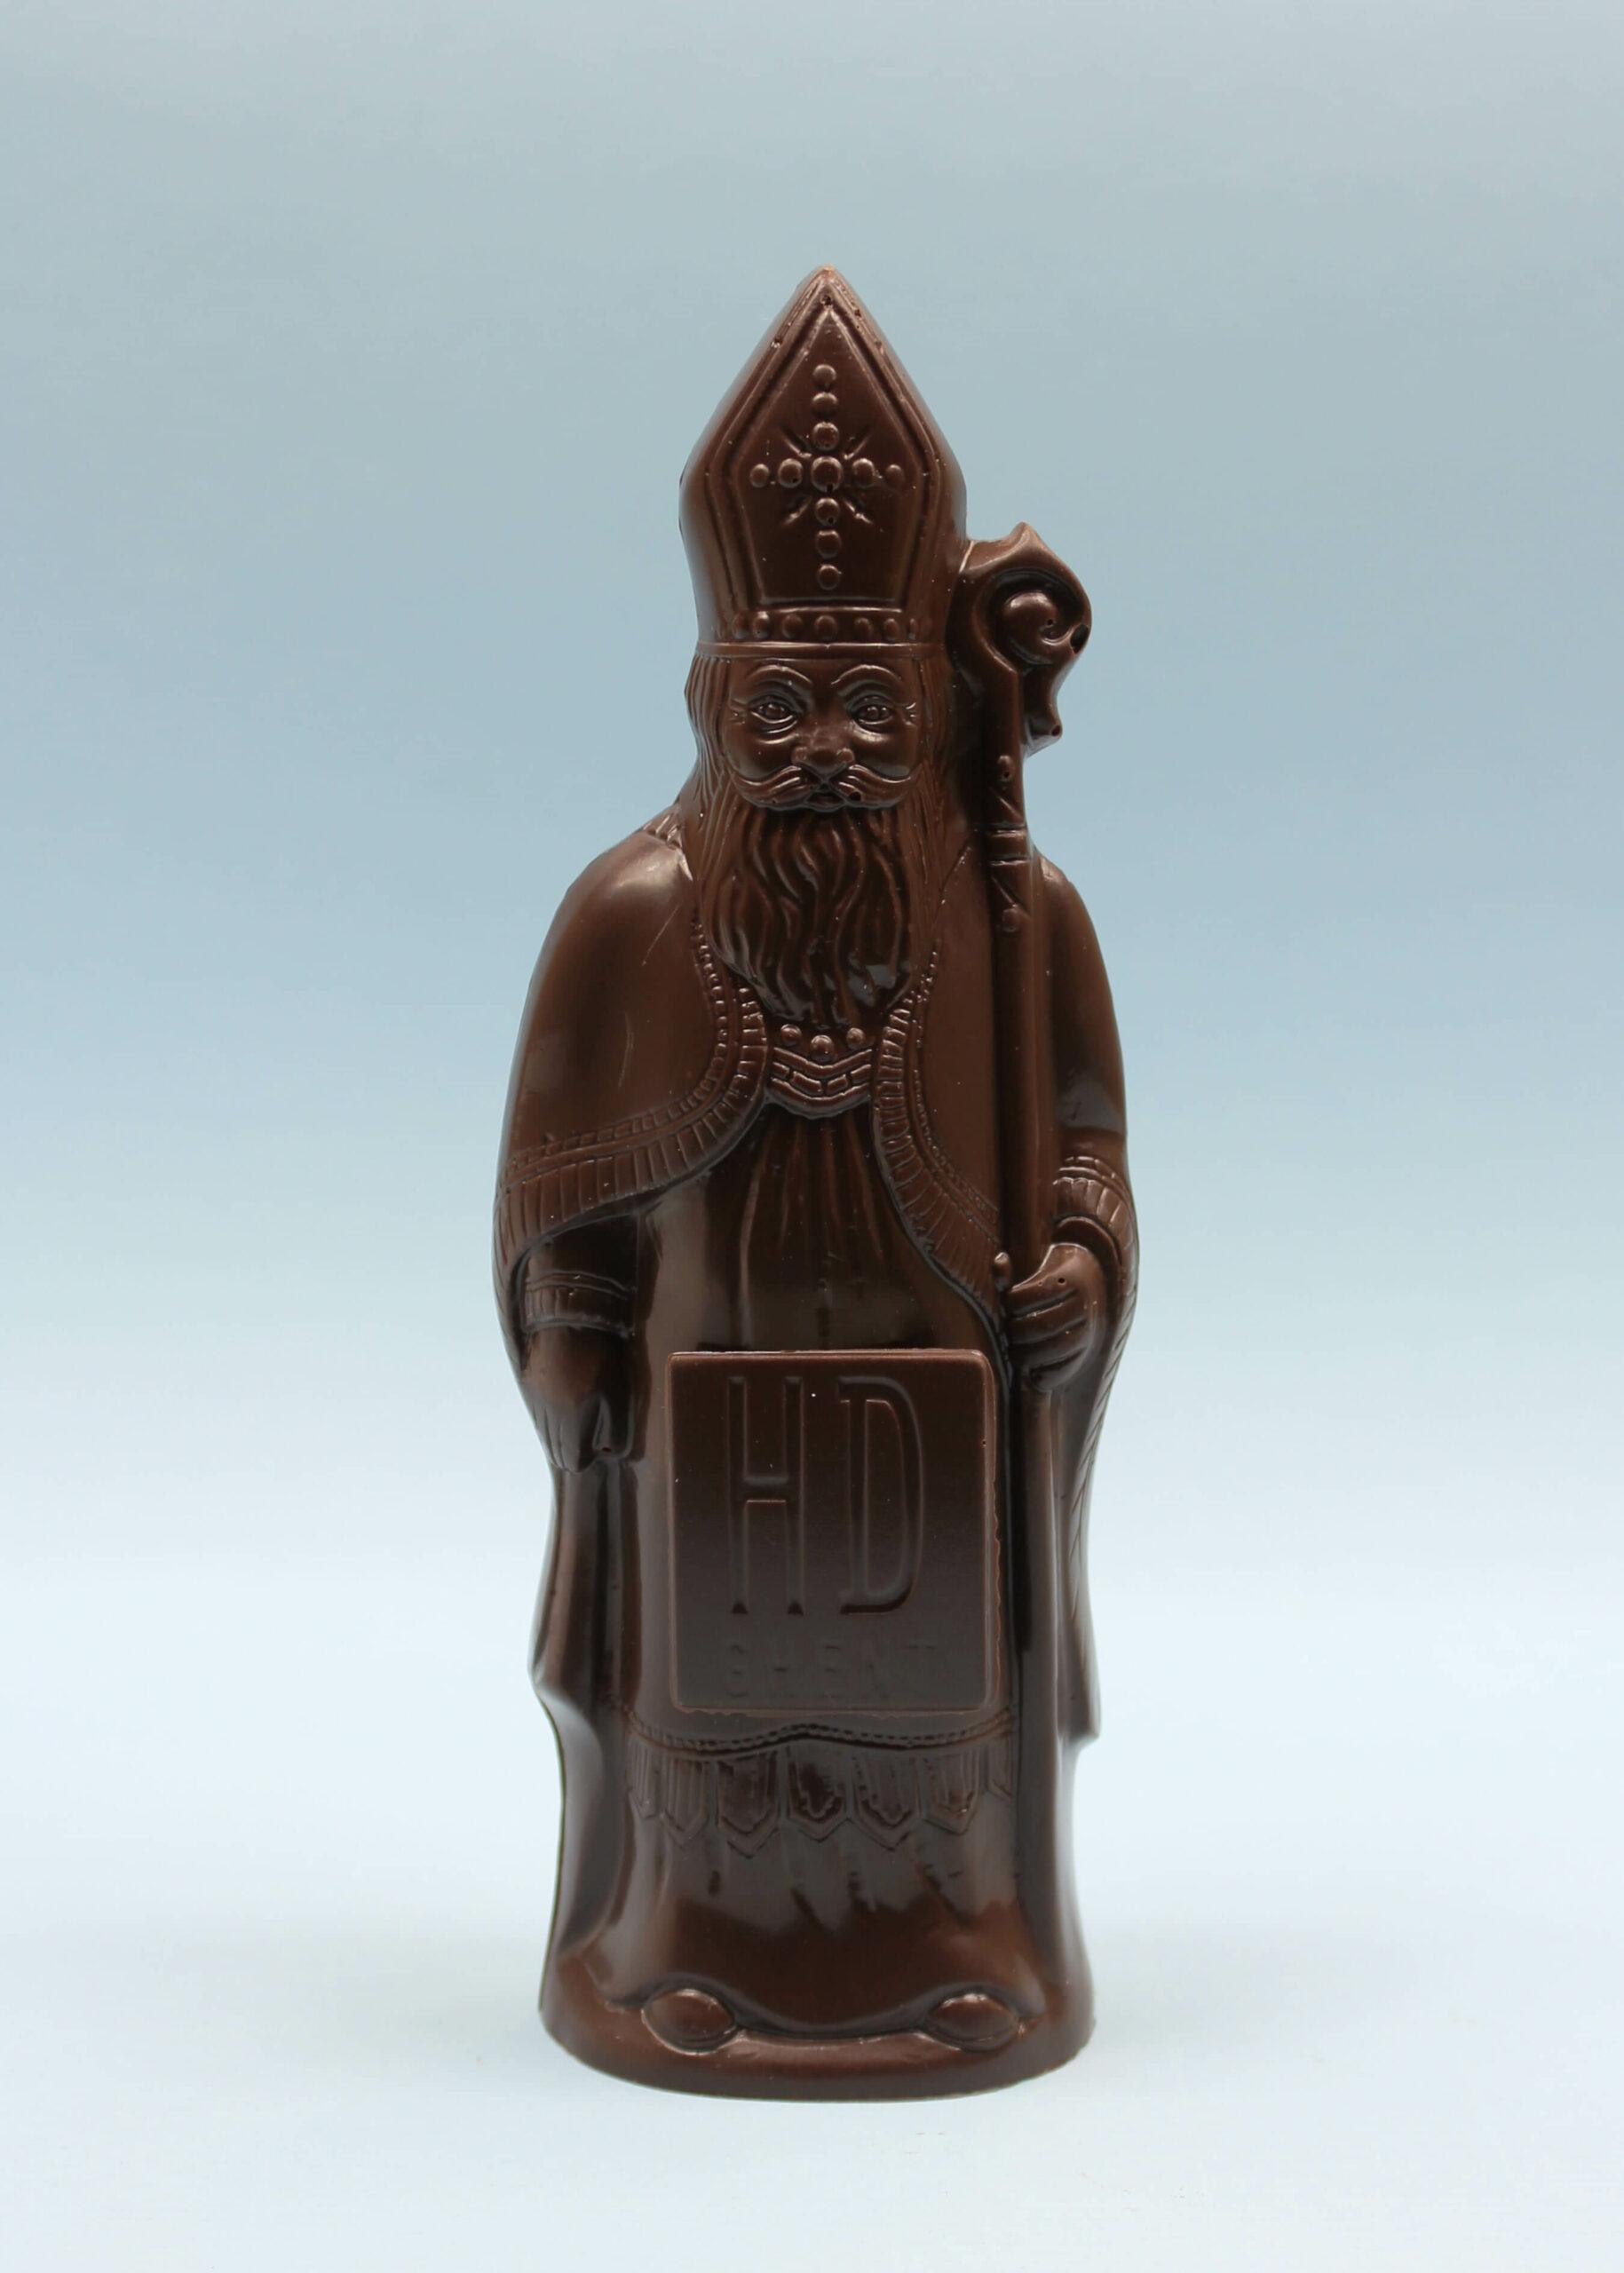 hd ghent by hilde devolder chocolatier sinterklaas donkere chocolade 17 cm